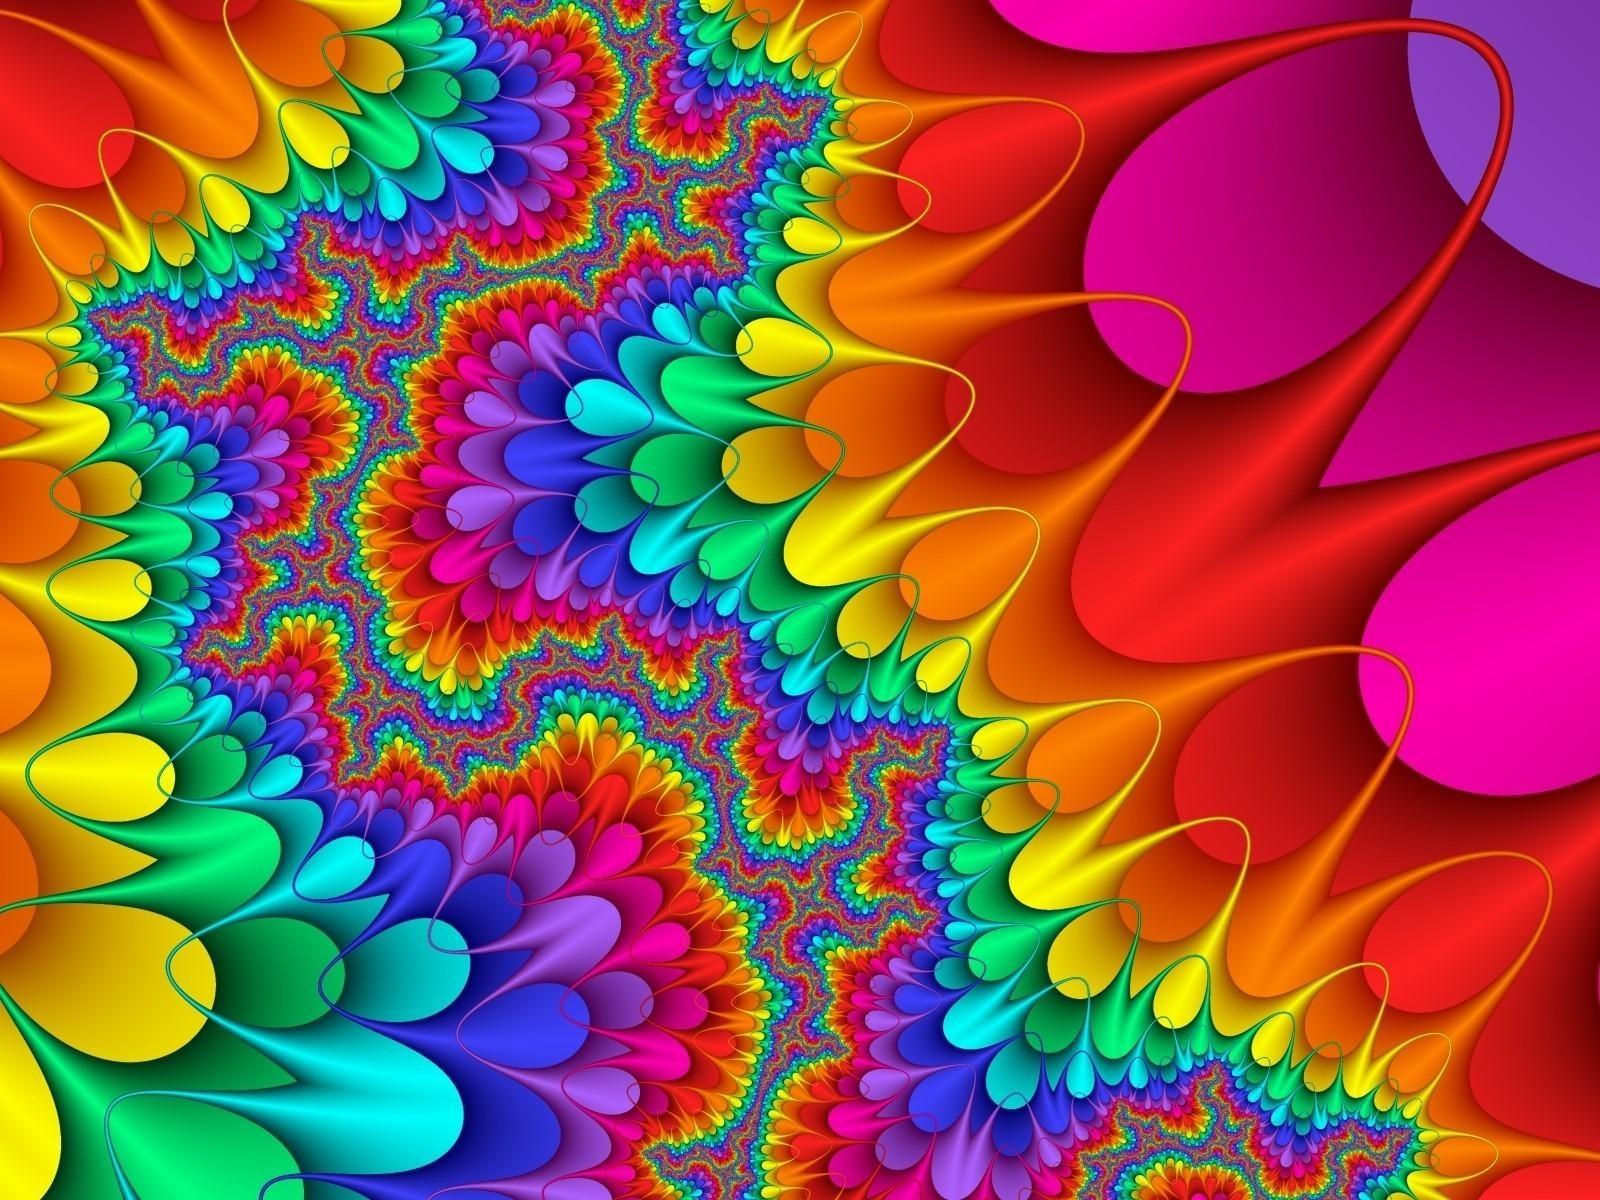 разноцветная абстракция бесплатно